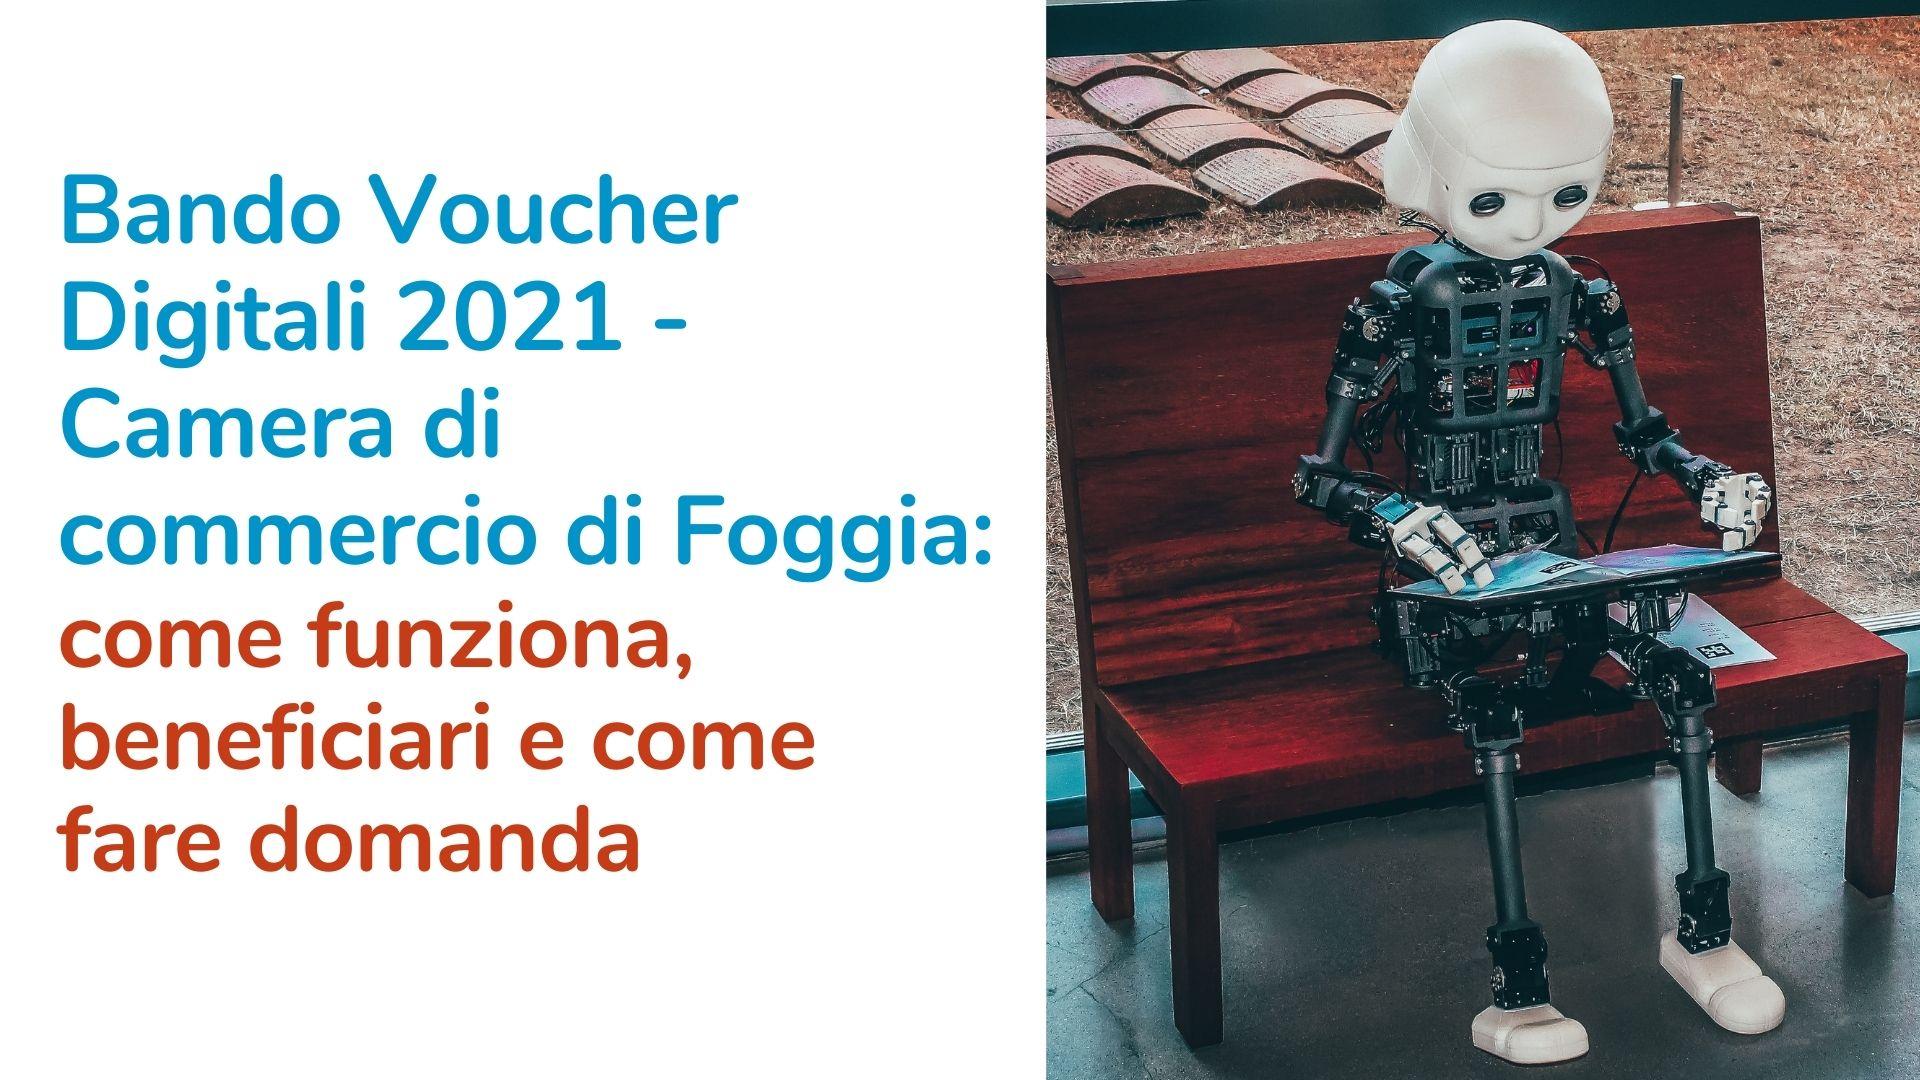 Bando Voucher Digitali 2021 – Camera di commercio di Foggia: come funziona, beneficiari e come fare domanda